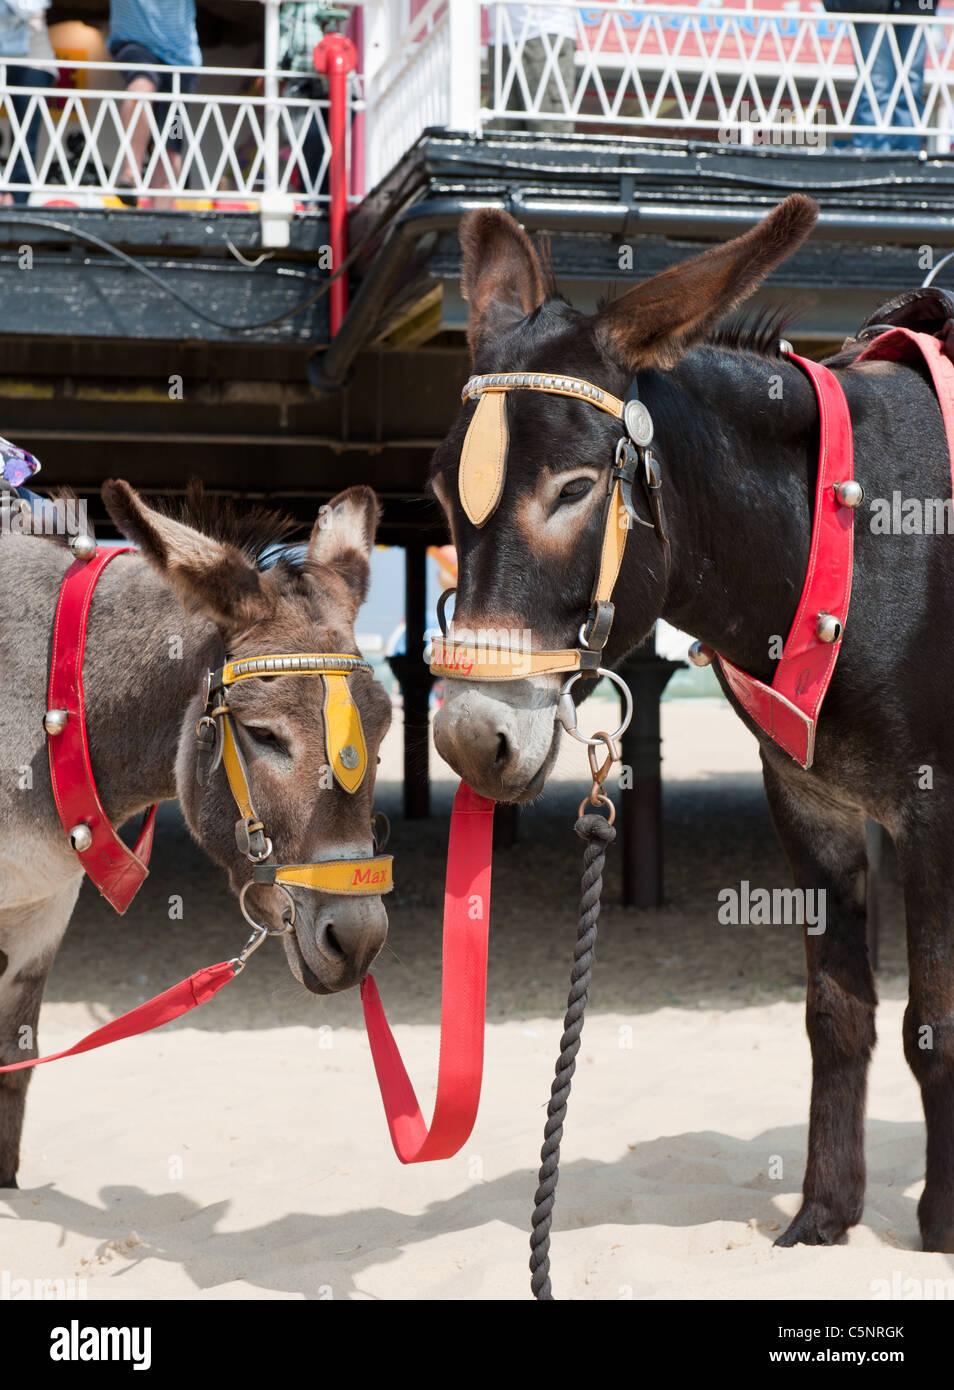 Seaside attraction Donkey Rides UK holiday - Stock Image